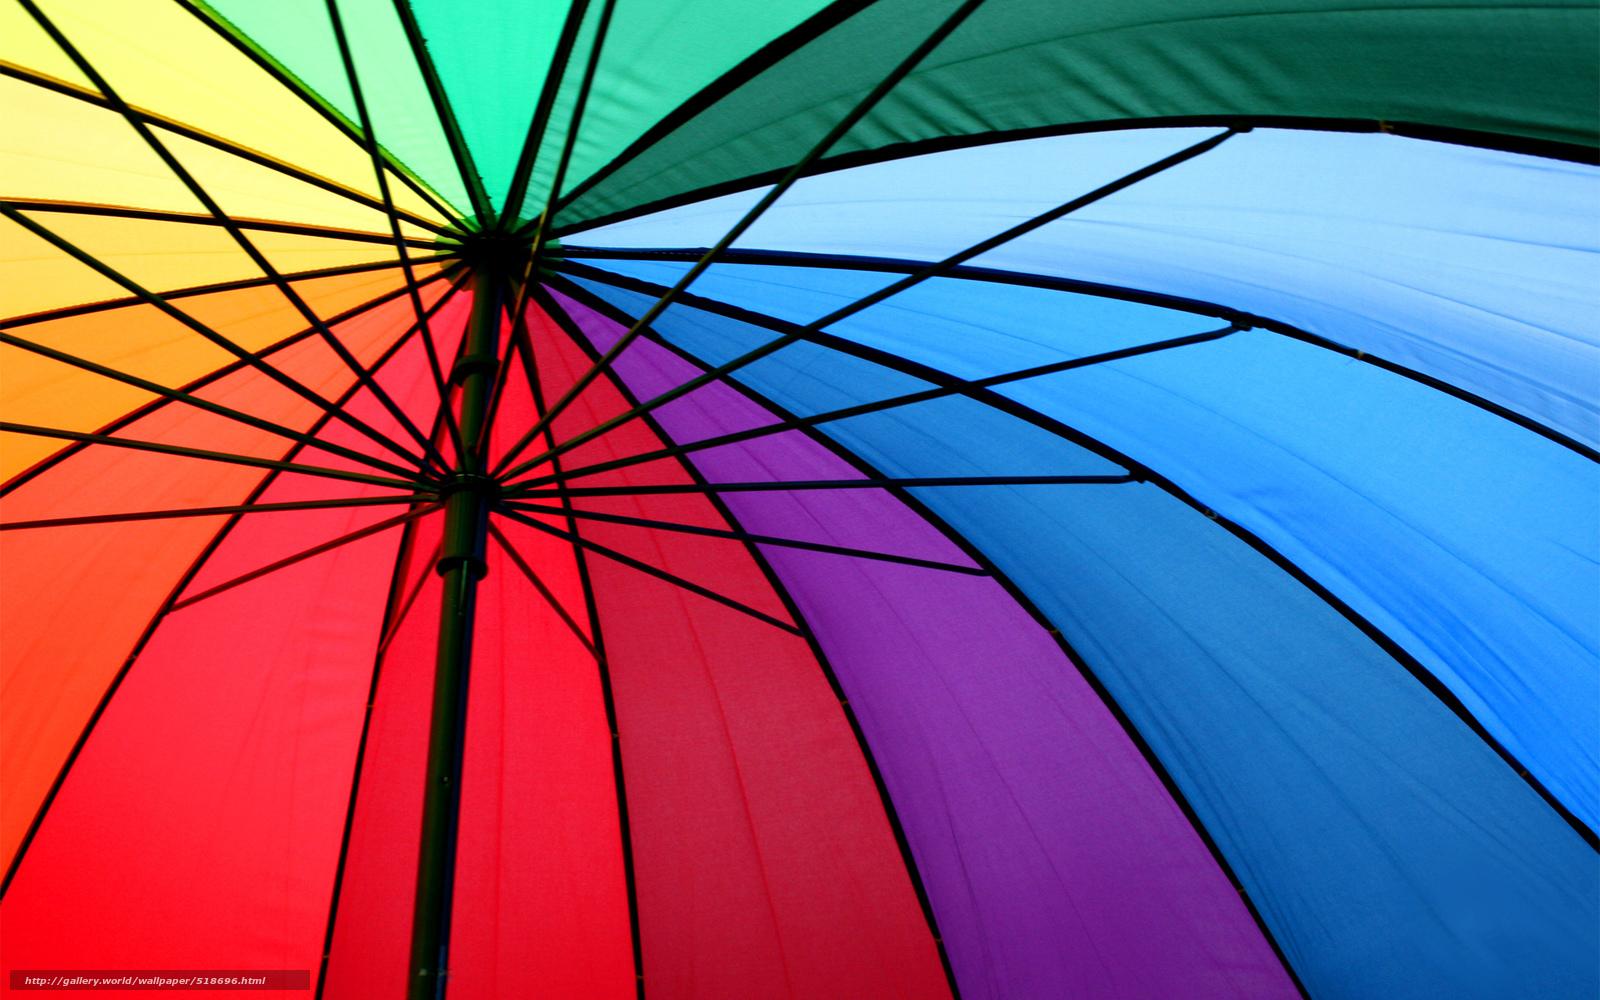 umbrella wallpaper download